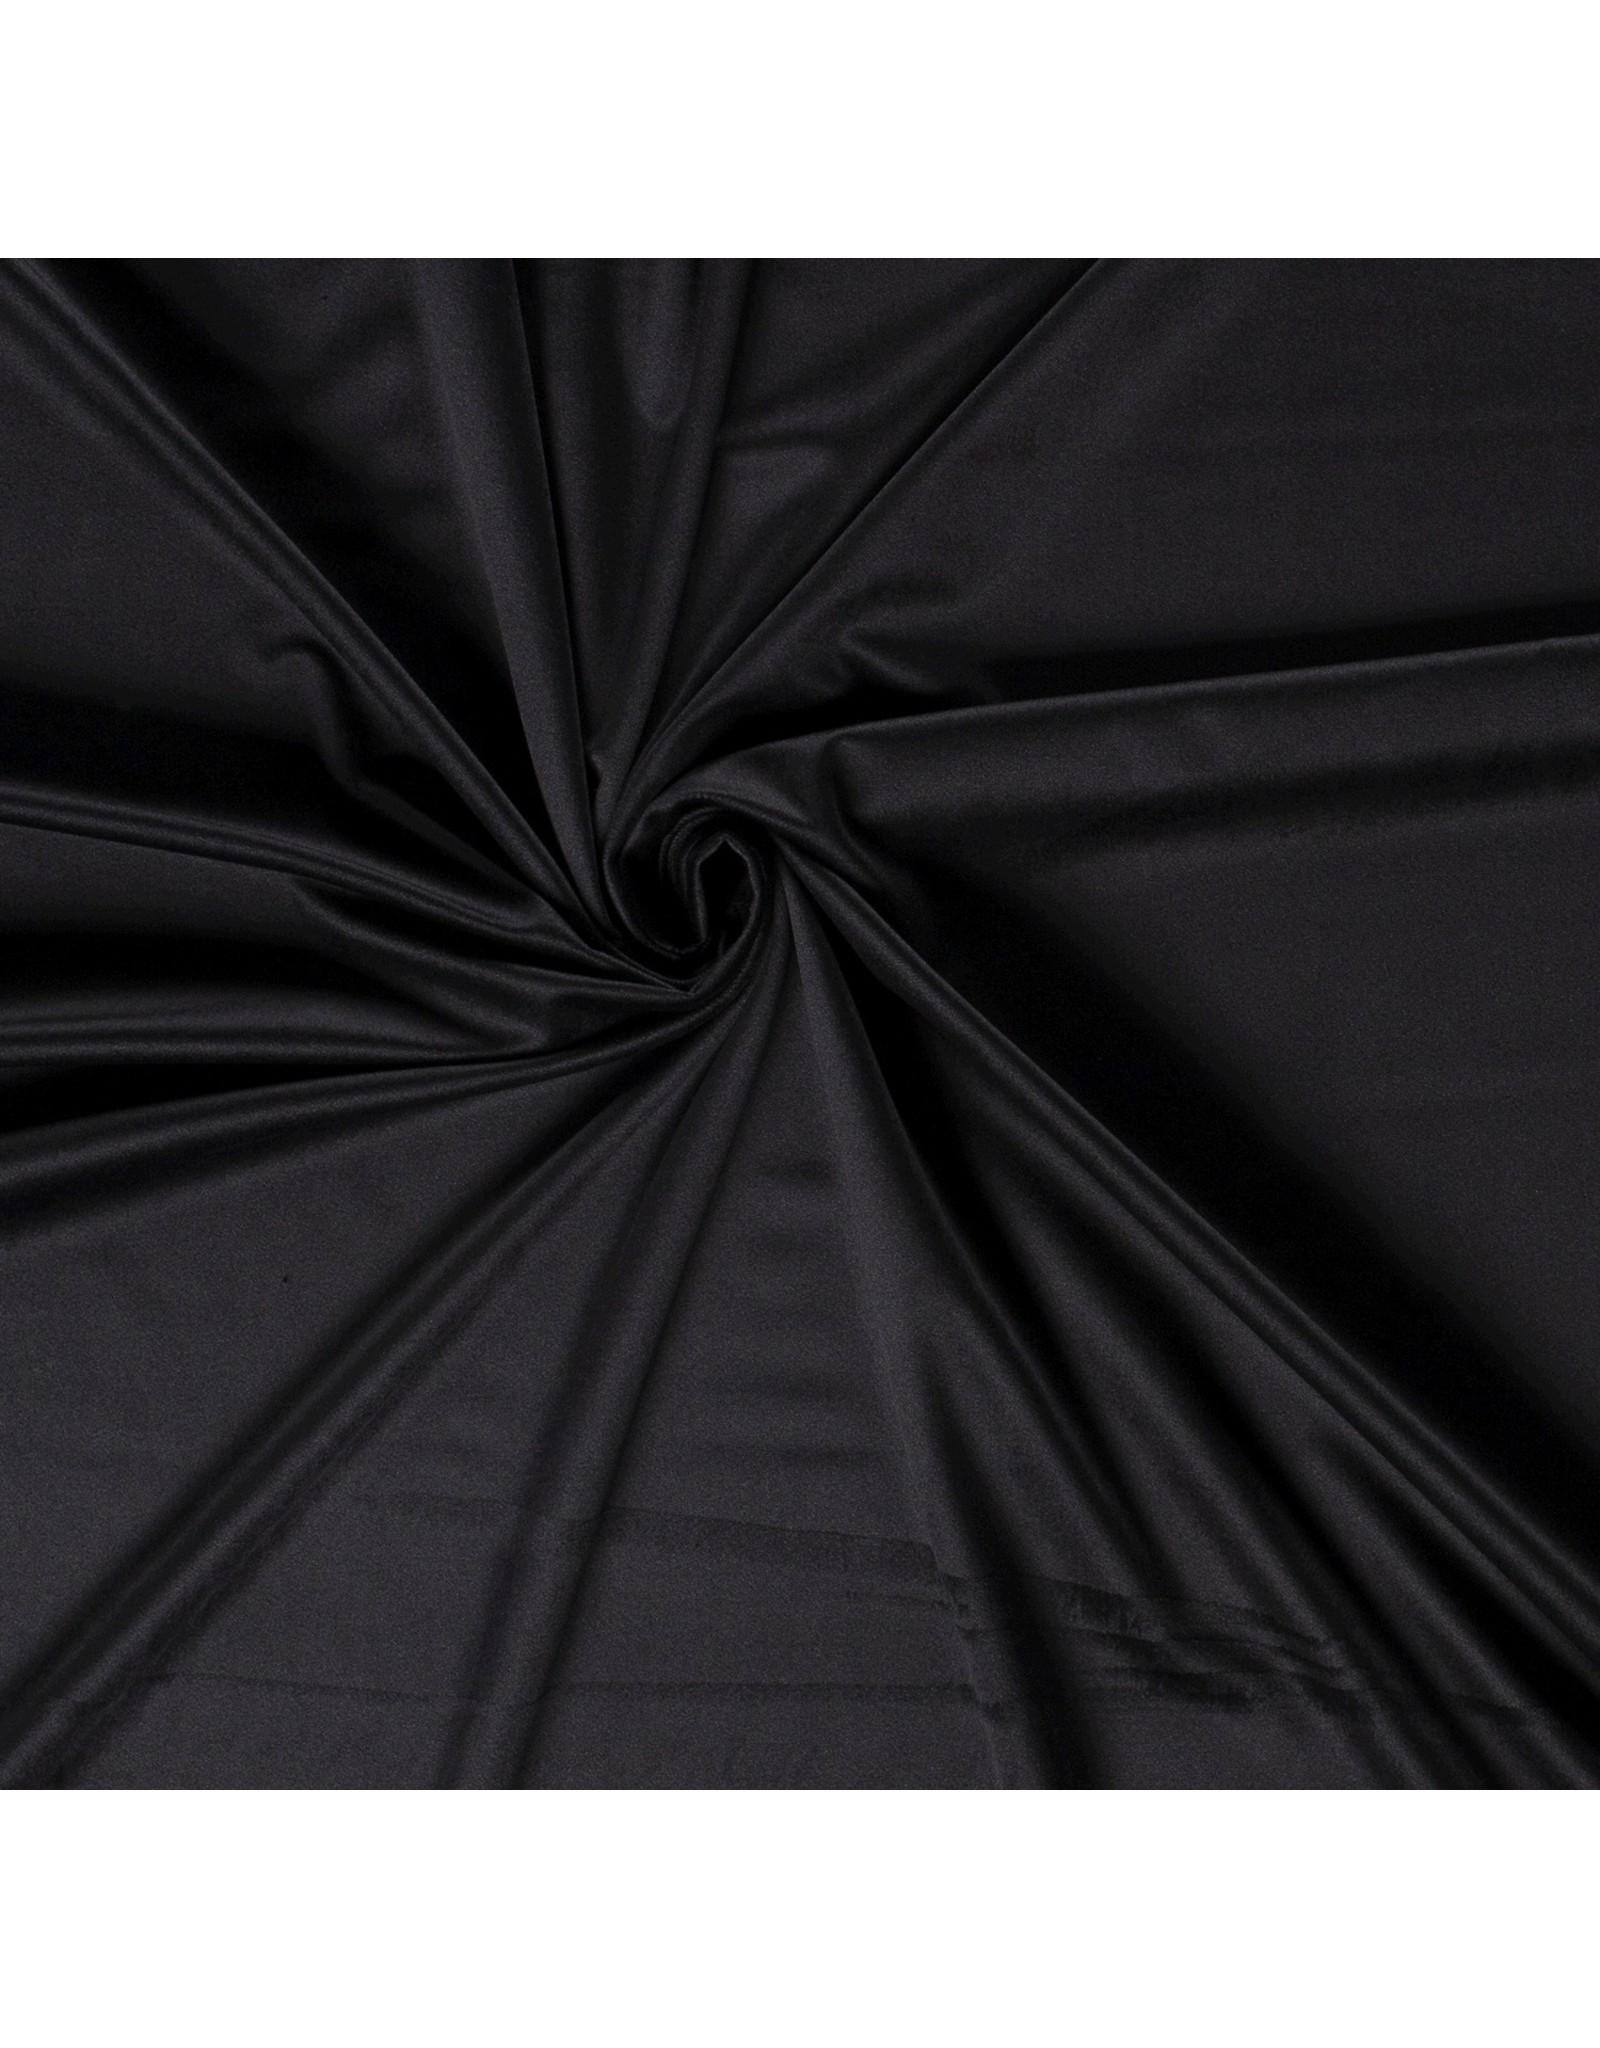 Nobodeco Home Fluweel stof Uni Zwart